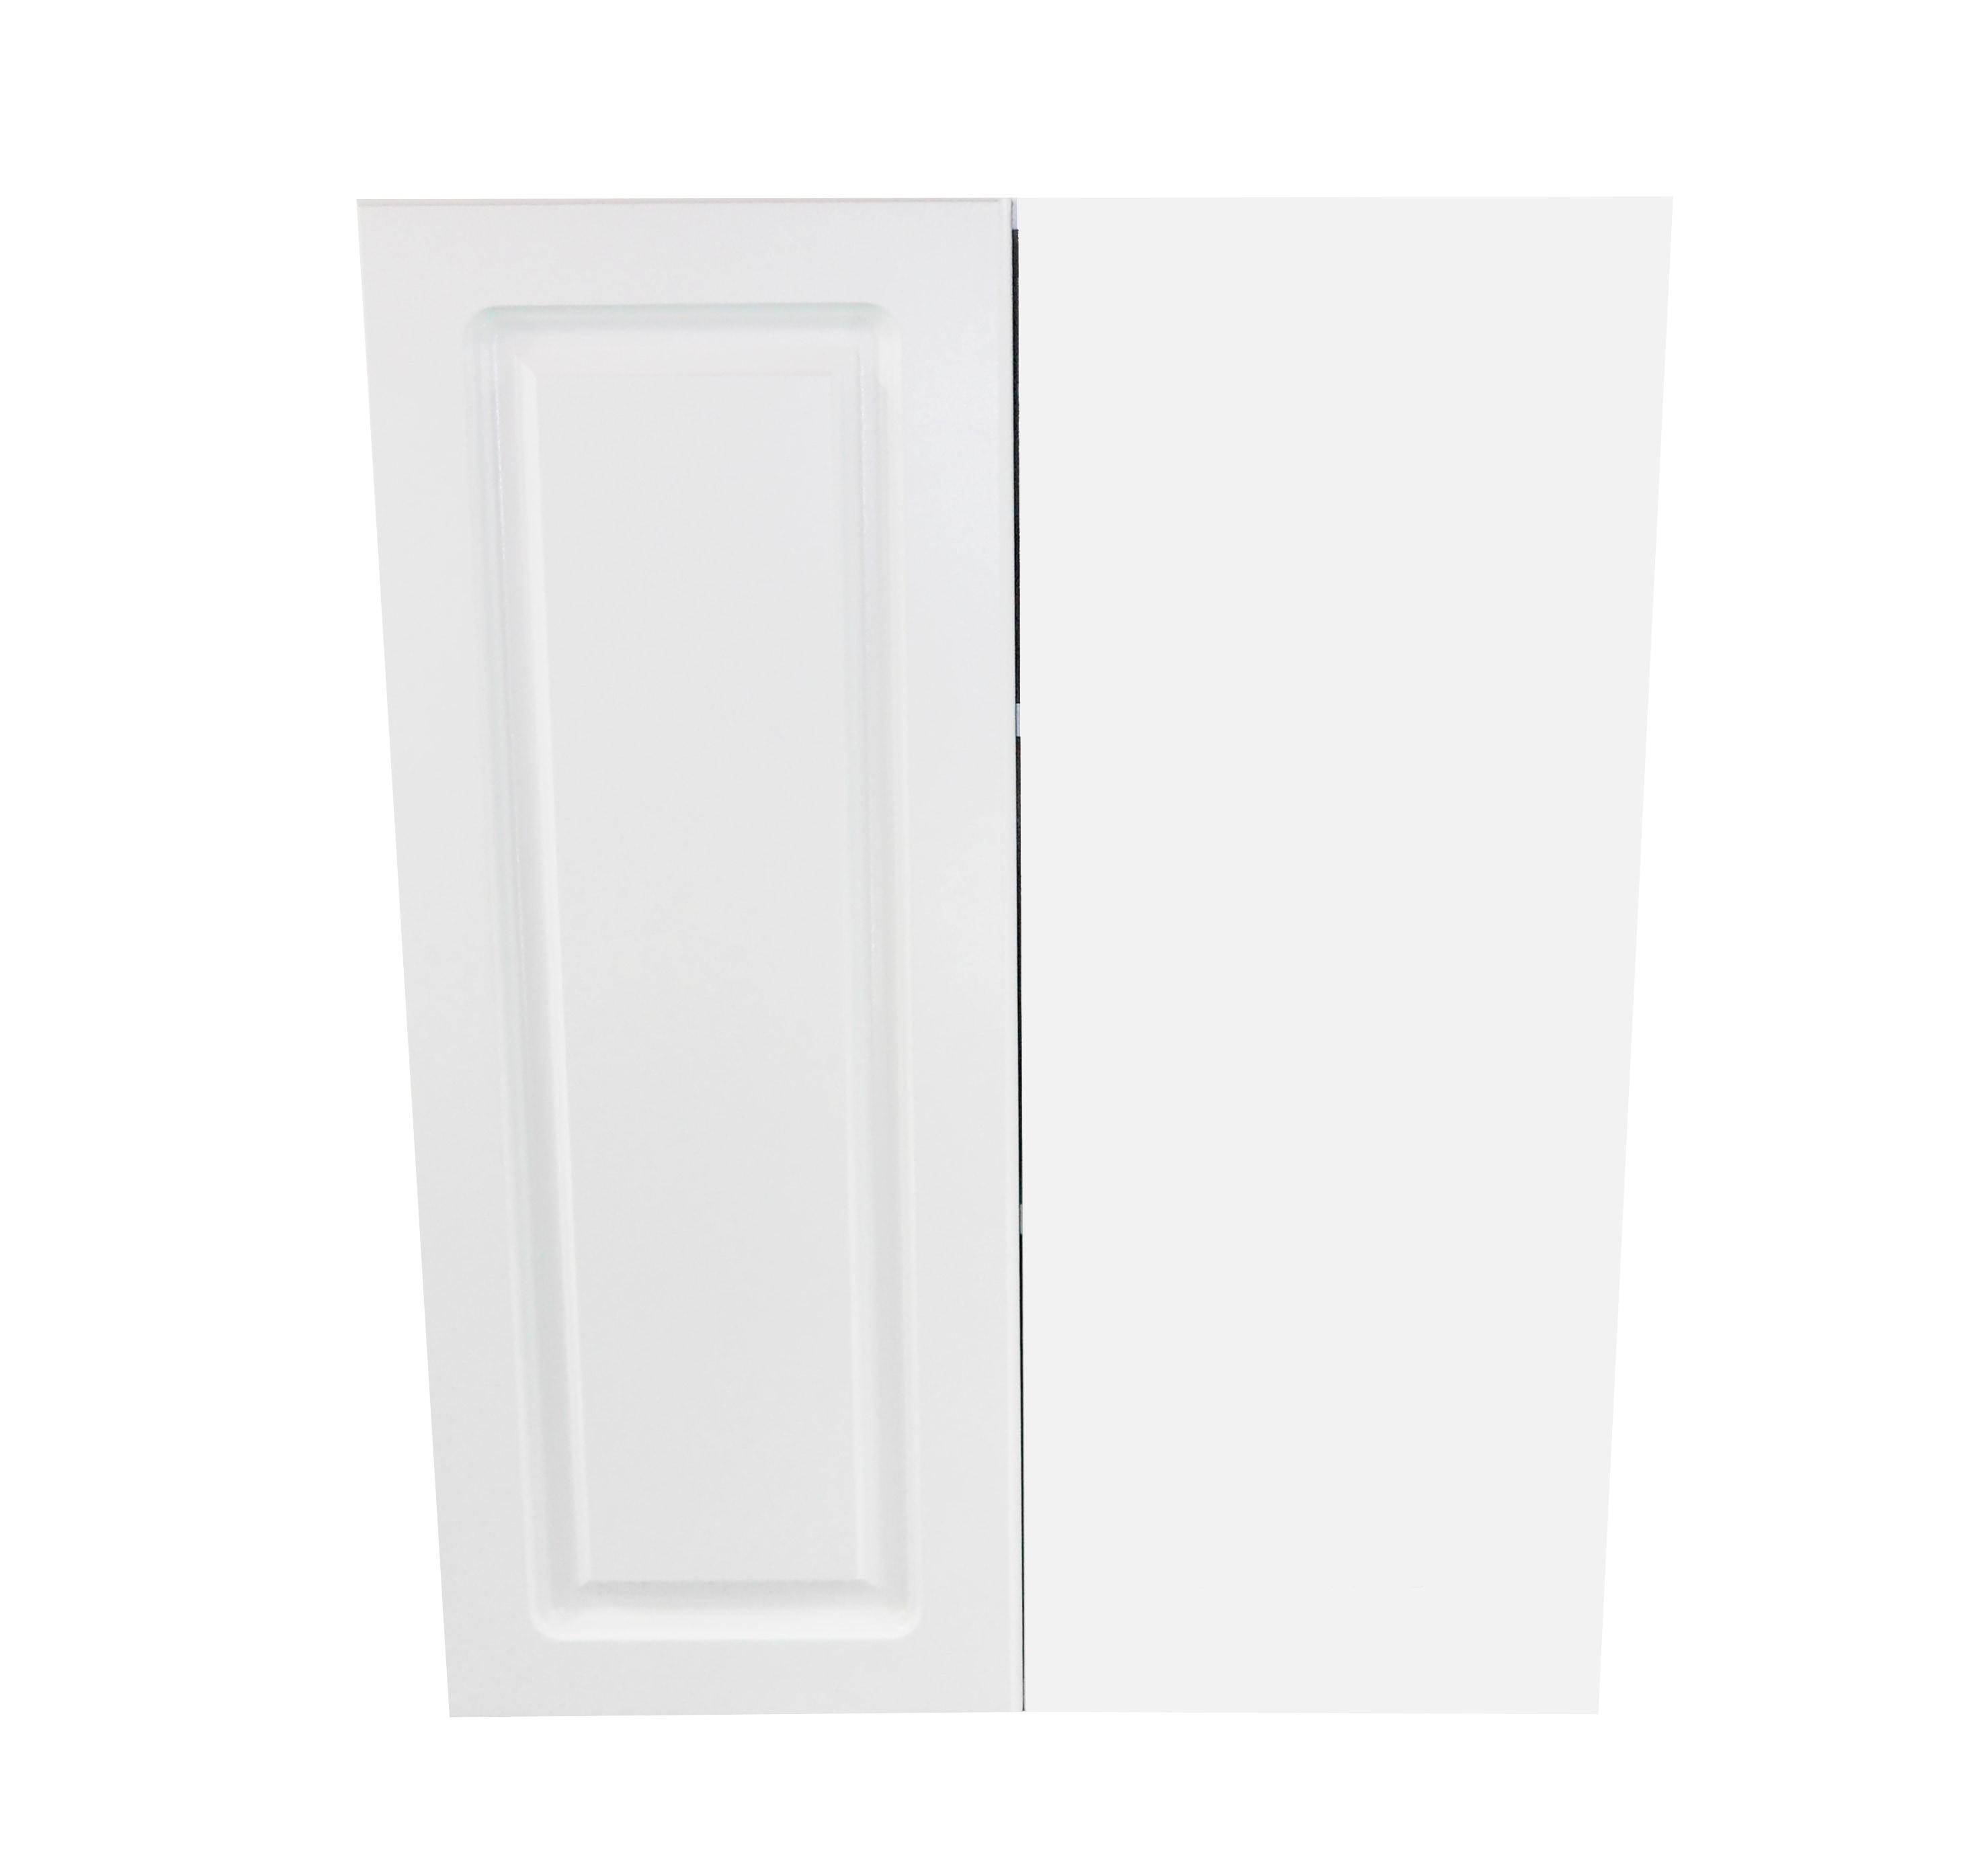 Blind Wall Cabinet / San Juan / Raised Panel White / 30x30x30 San Juan 0